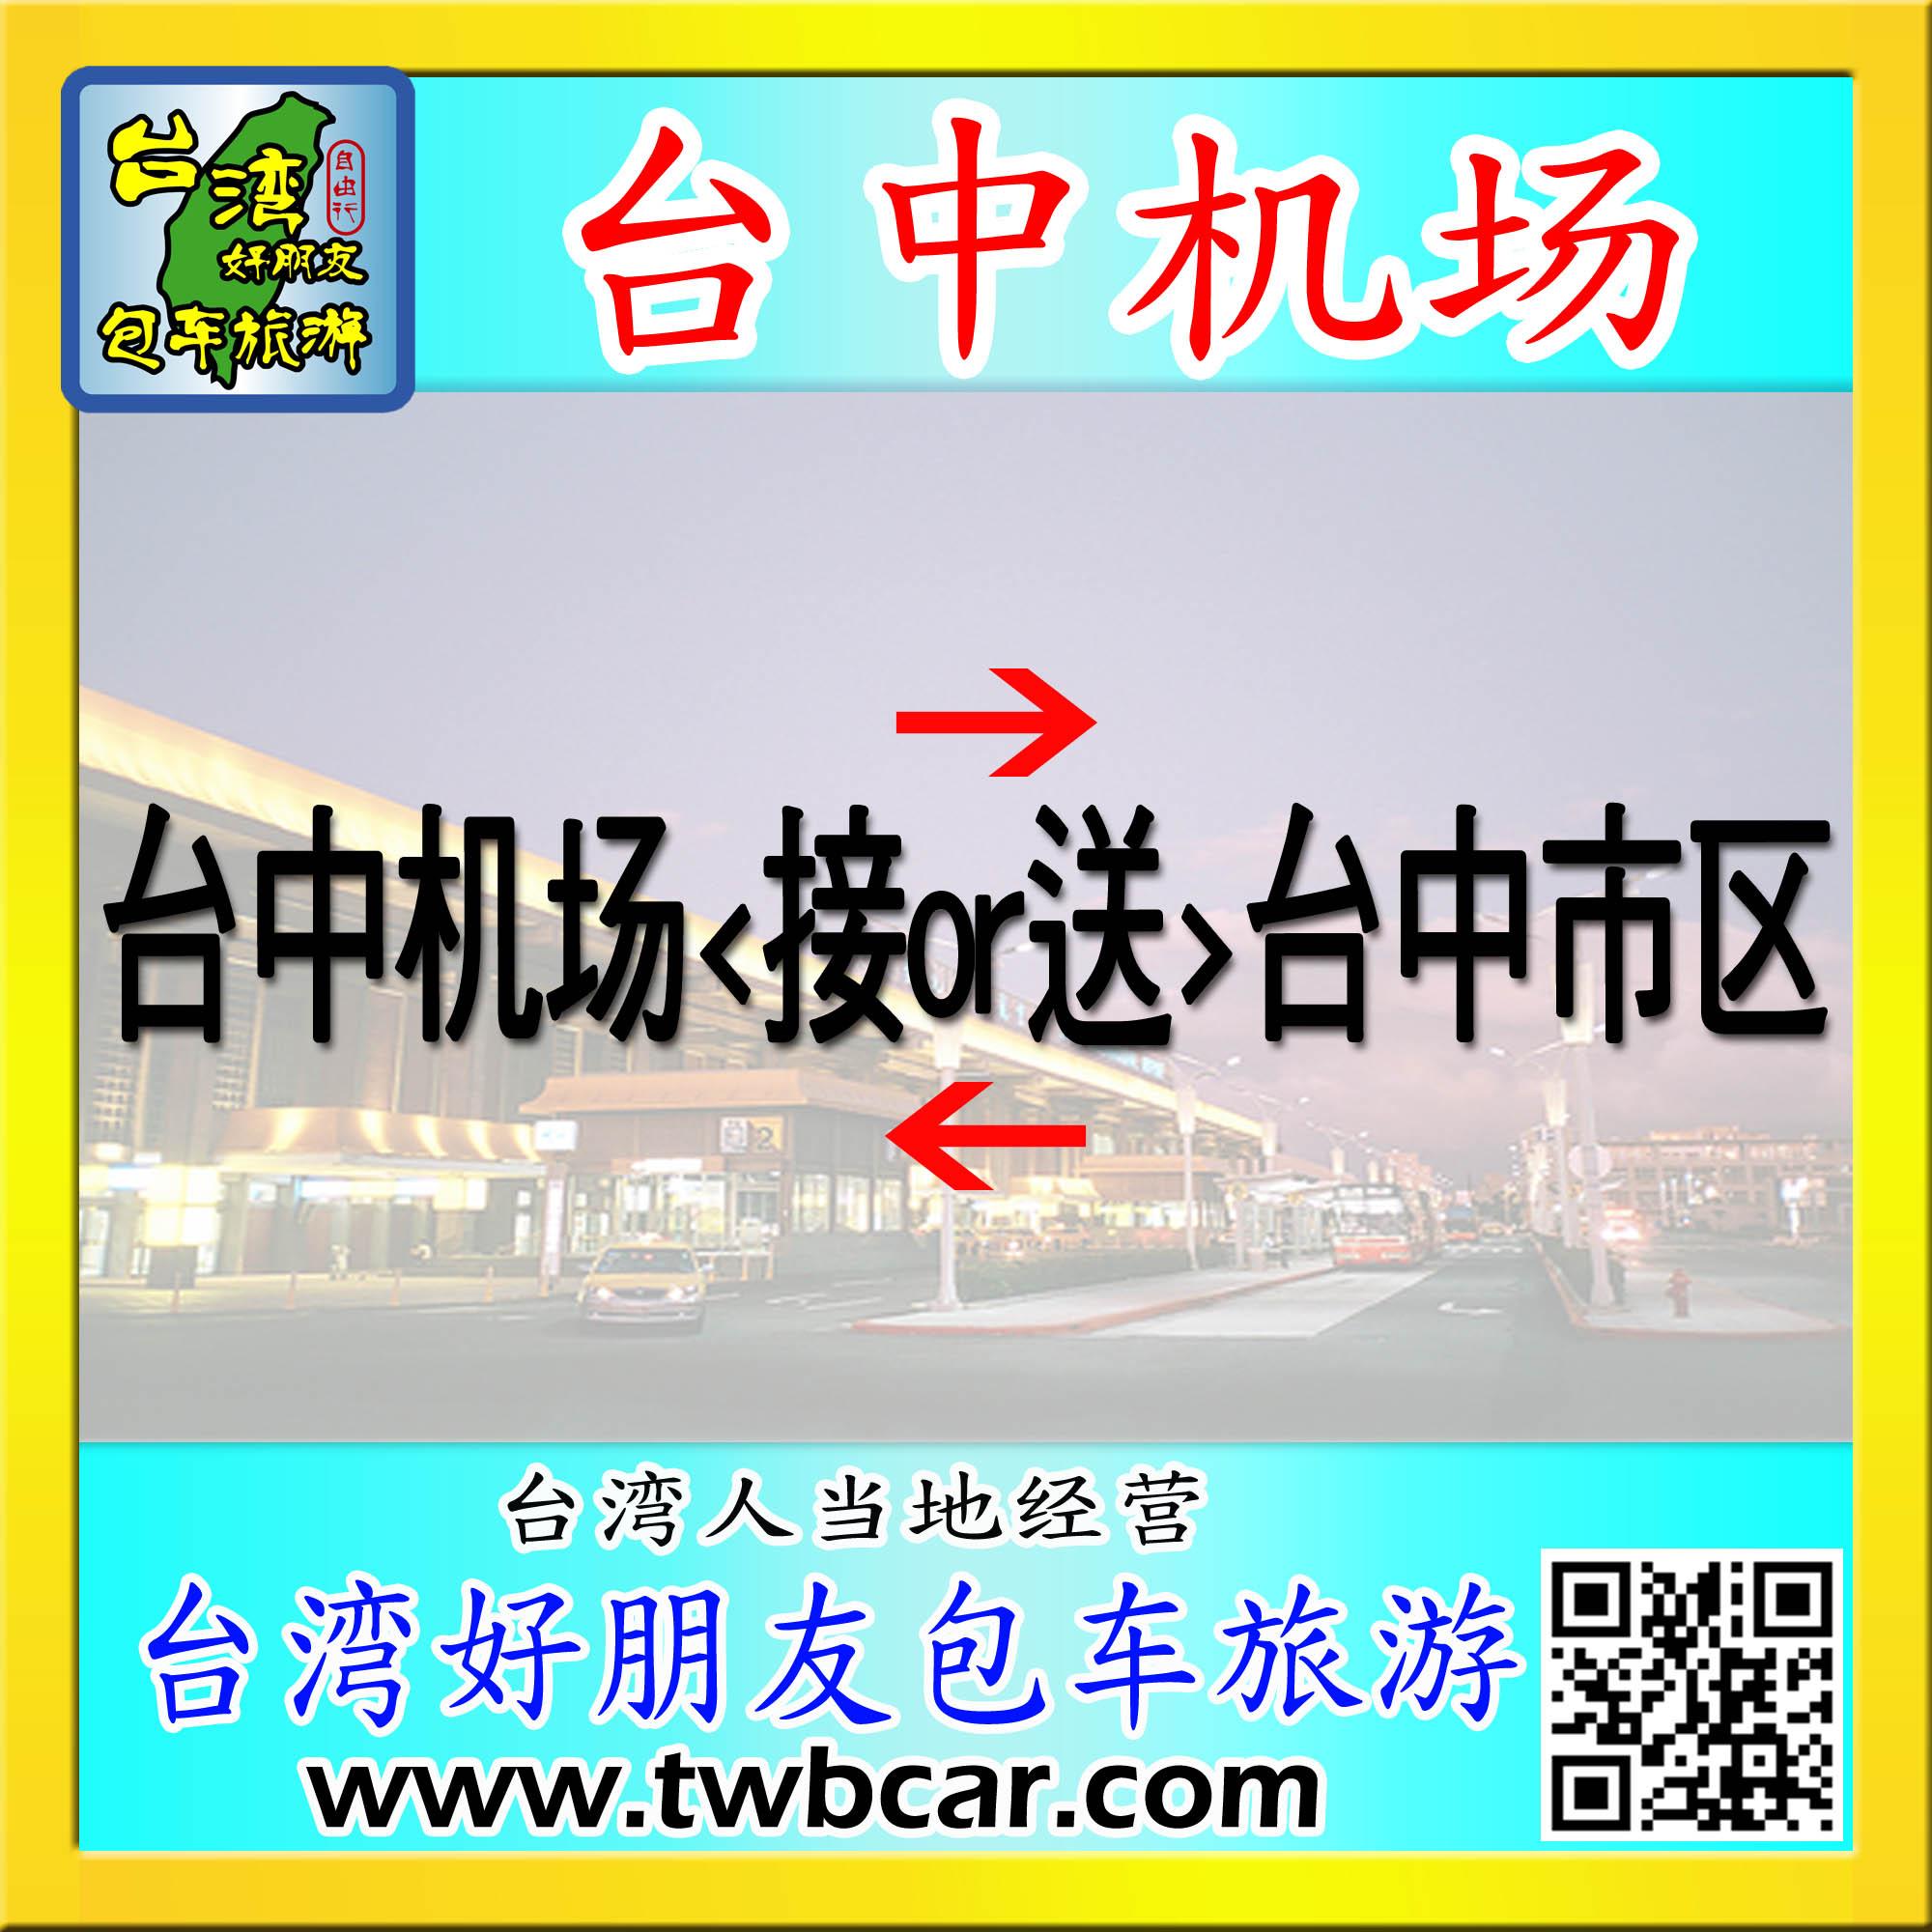 台中清泉岗机场<接送机>台中市区